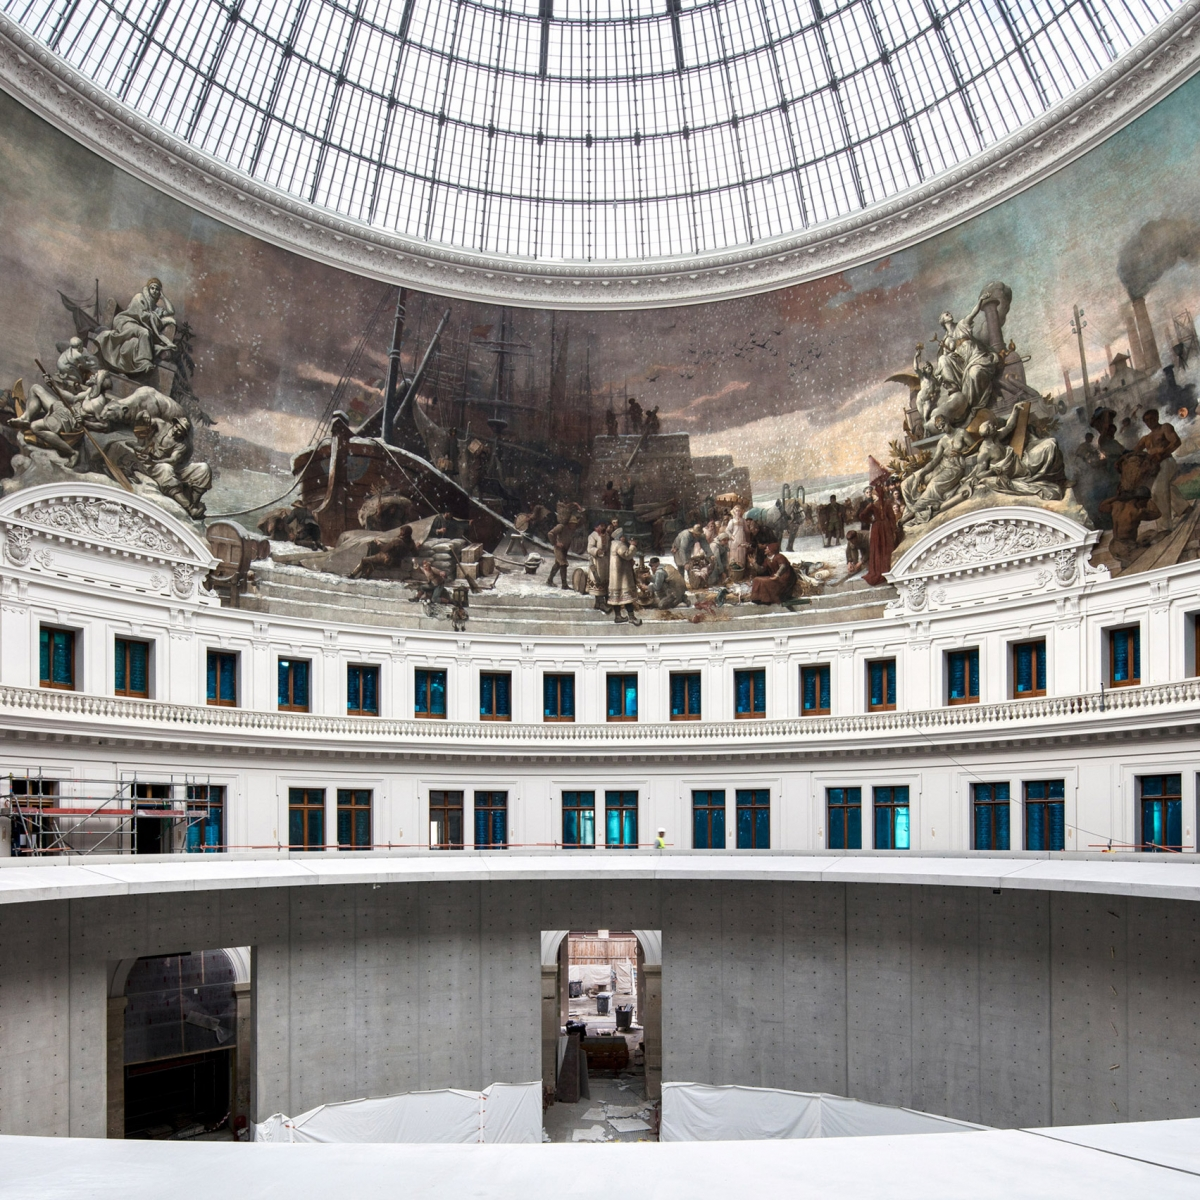 Không thể không kể đến công trình Bourse de Commerce tại Pháp của kiến trúc sư Tadao Ando. Tòa nhà vốn là một sàn giao dịch chứng khoán từ thế kỷ 18 được chuyển đổi thành phòng trưng bày nghệ thuật đương đại. Tòa nhà có cấu trúc bê tông hình tròn với mái vòm cầu kính.